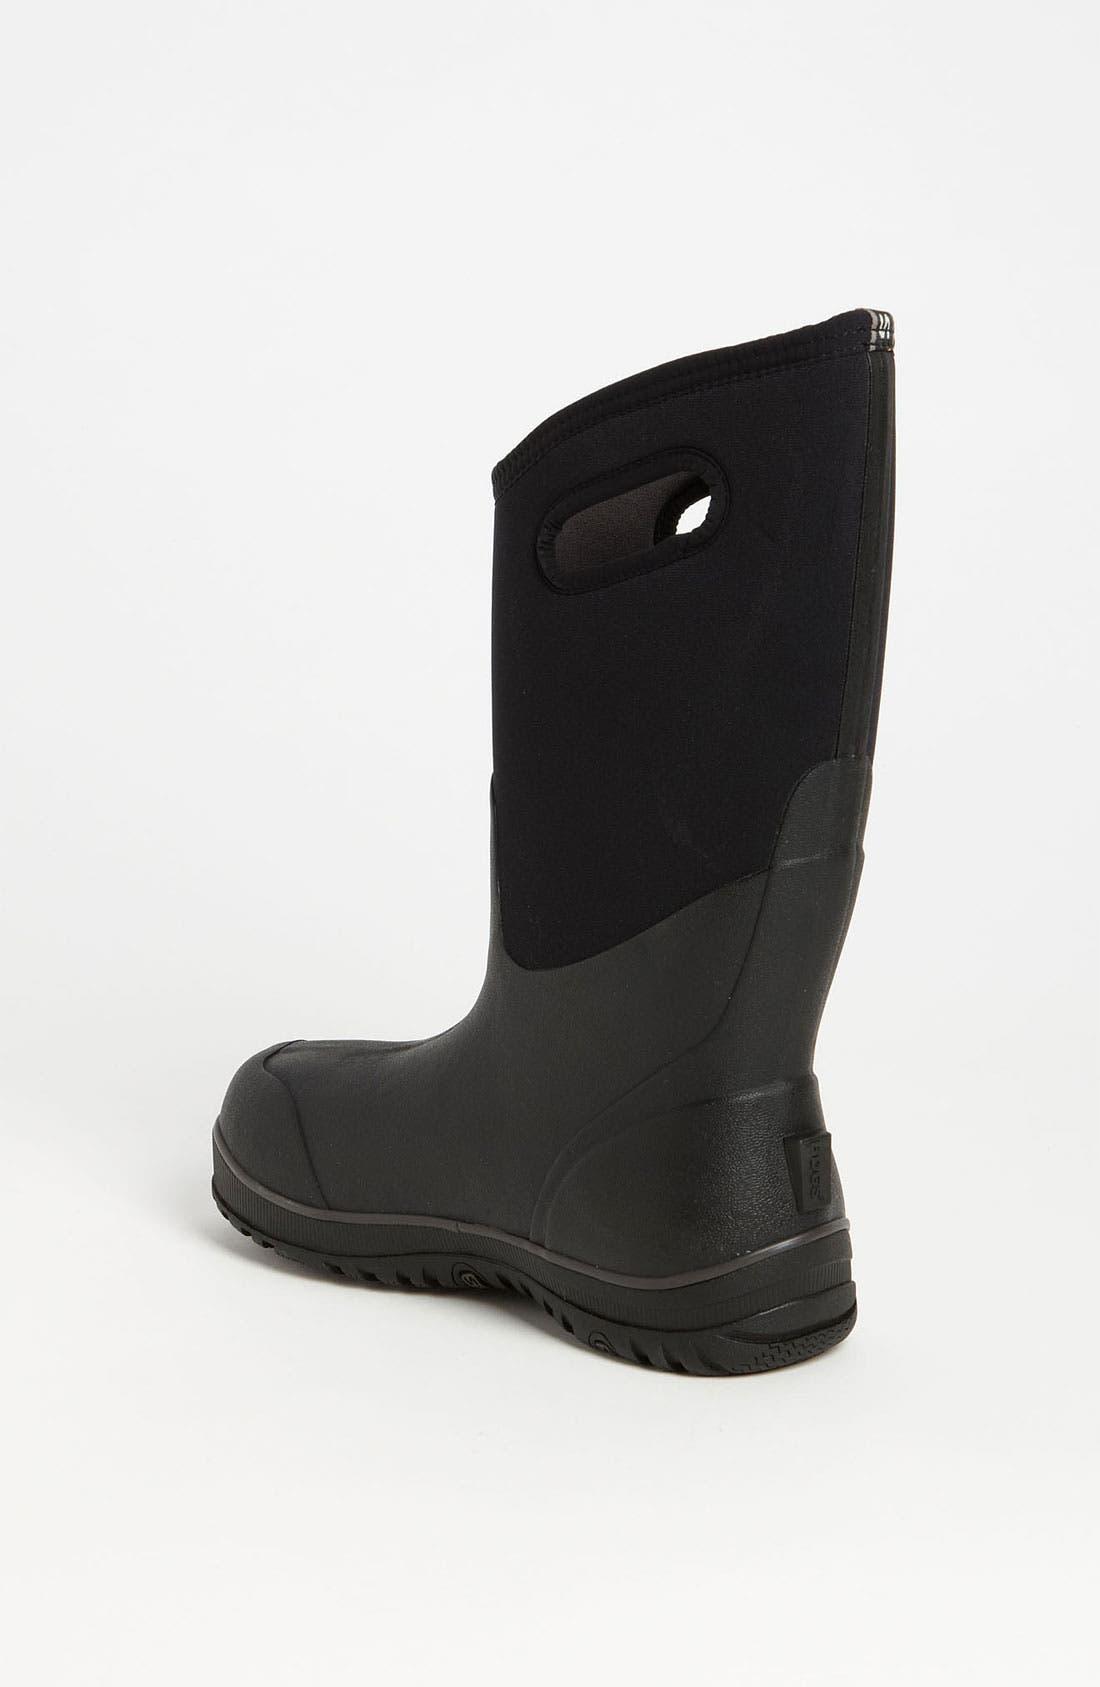 Alternate Image 2  - Bogs 'Ultra High' Rain Boot   (Online Only) (Men)